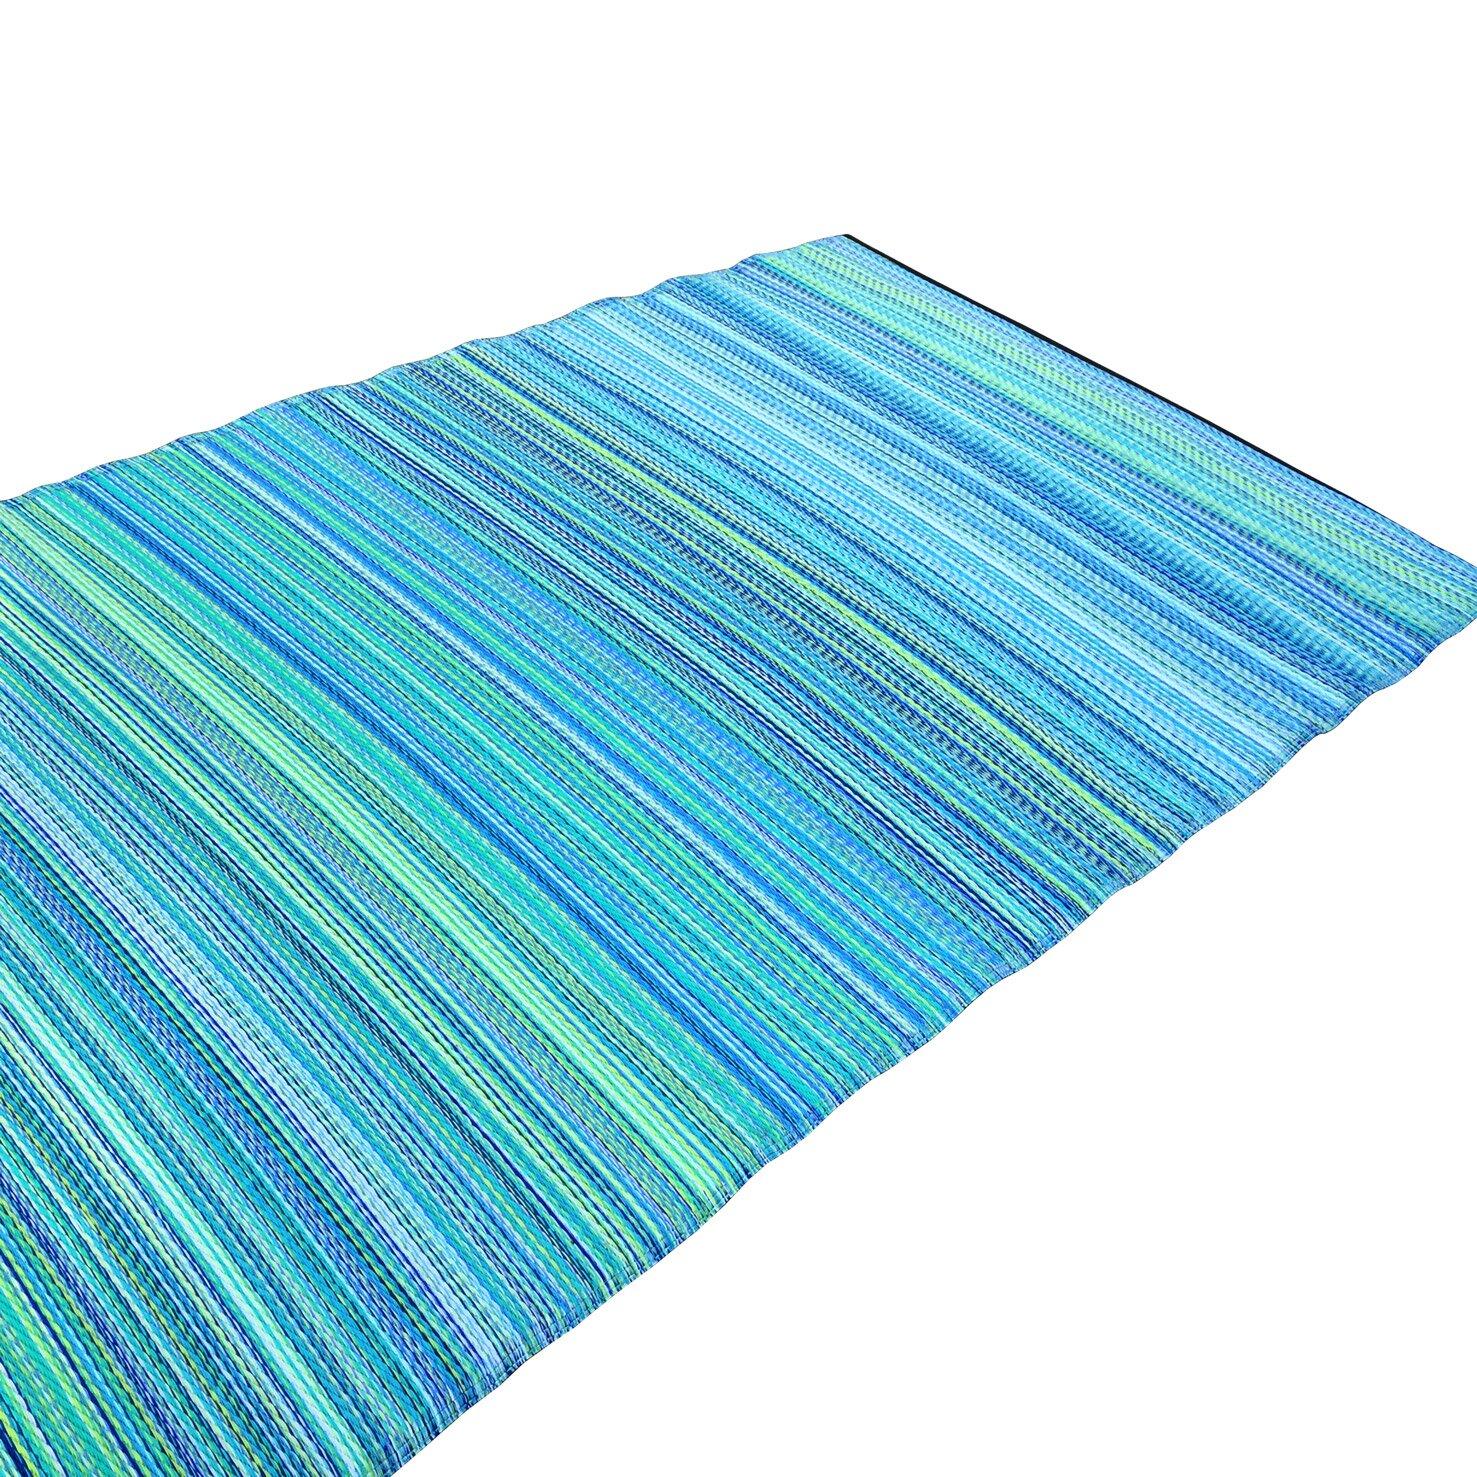 Green Decore Weaver Green Indoor/Outdoor Area Rug